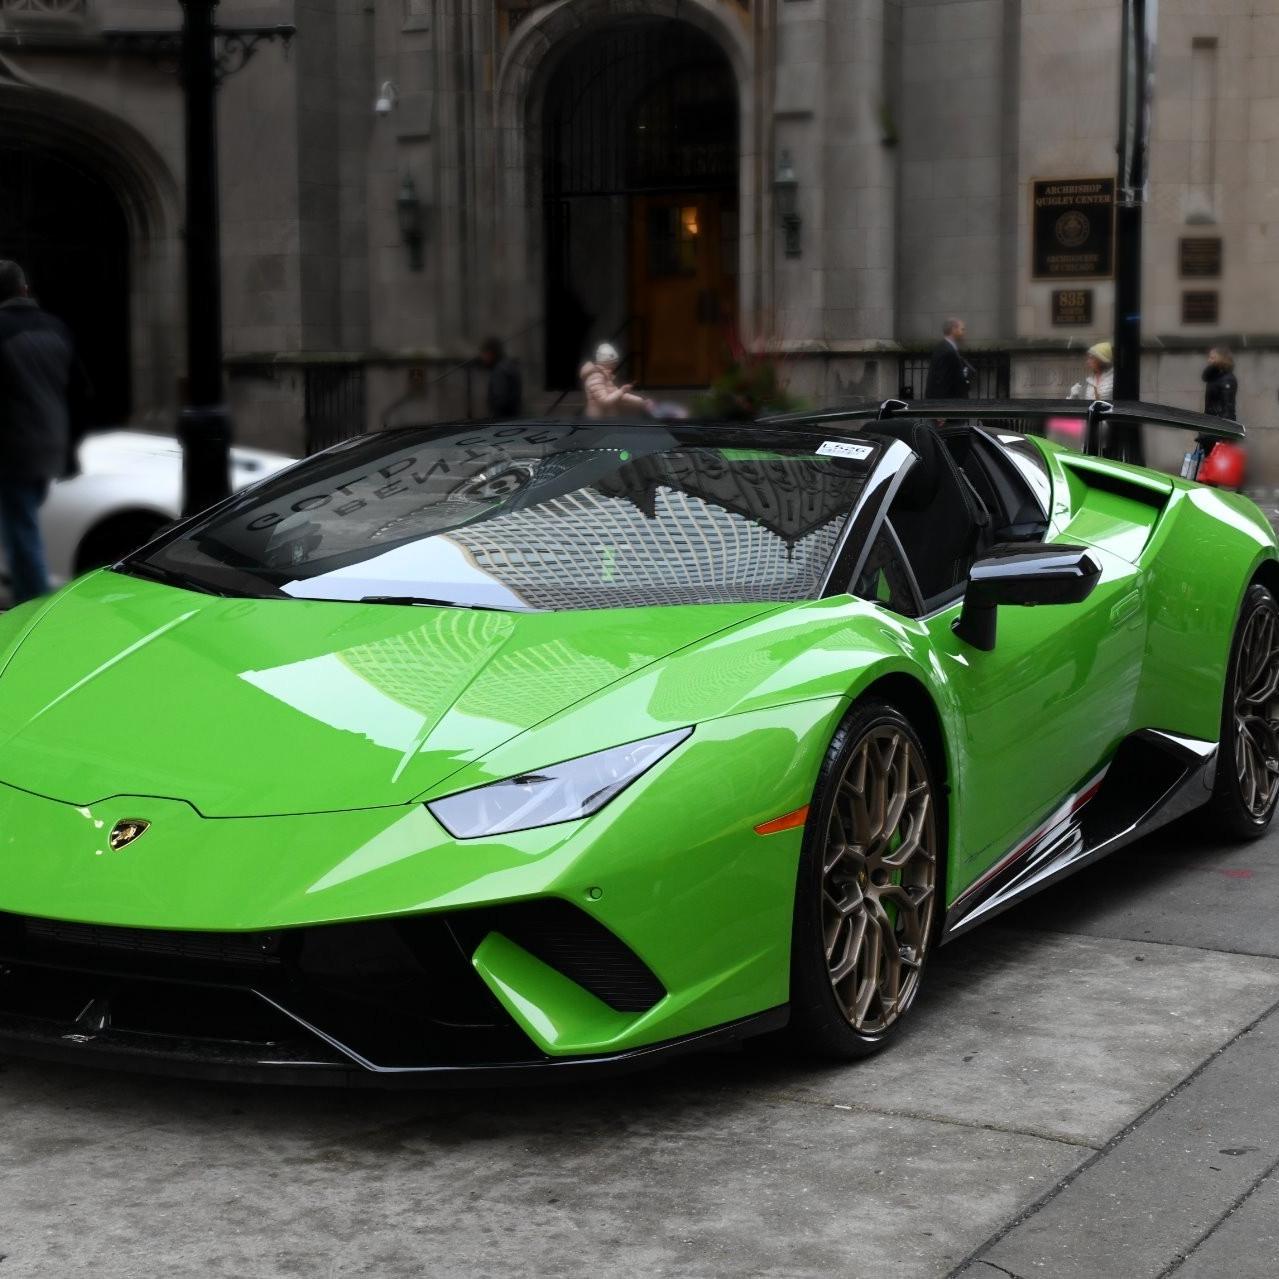 Best Lamborghini colors: Lamborghini Huracan Performante Spyder, green